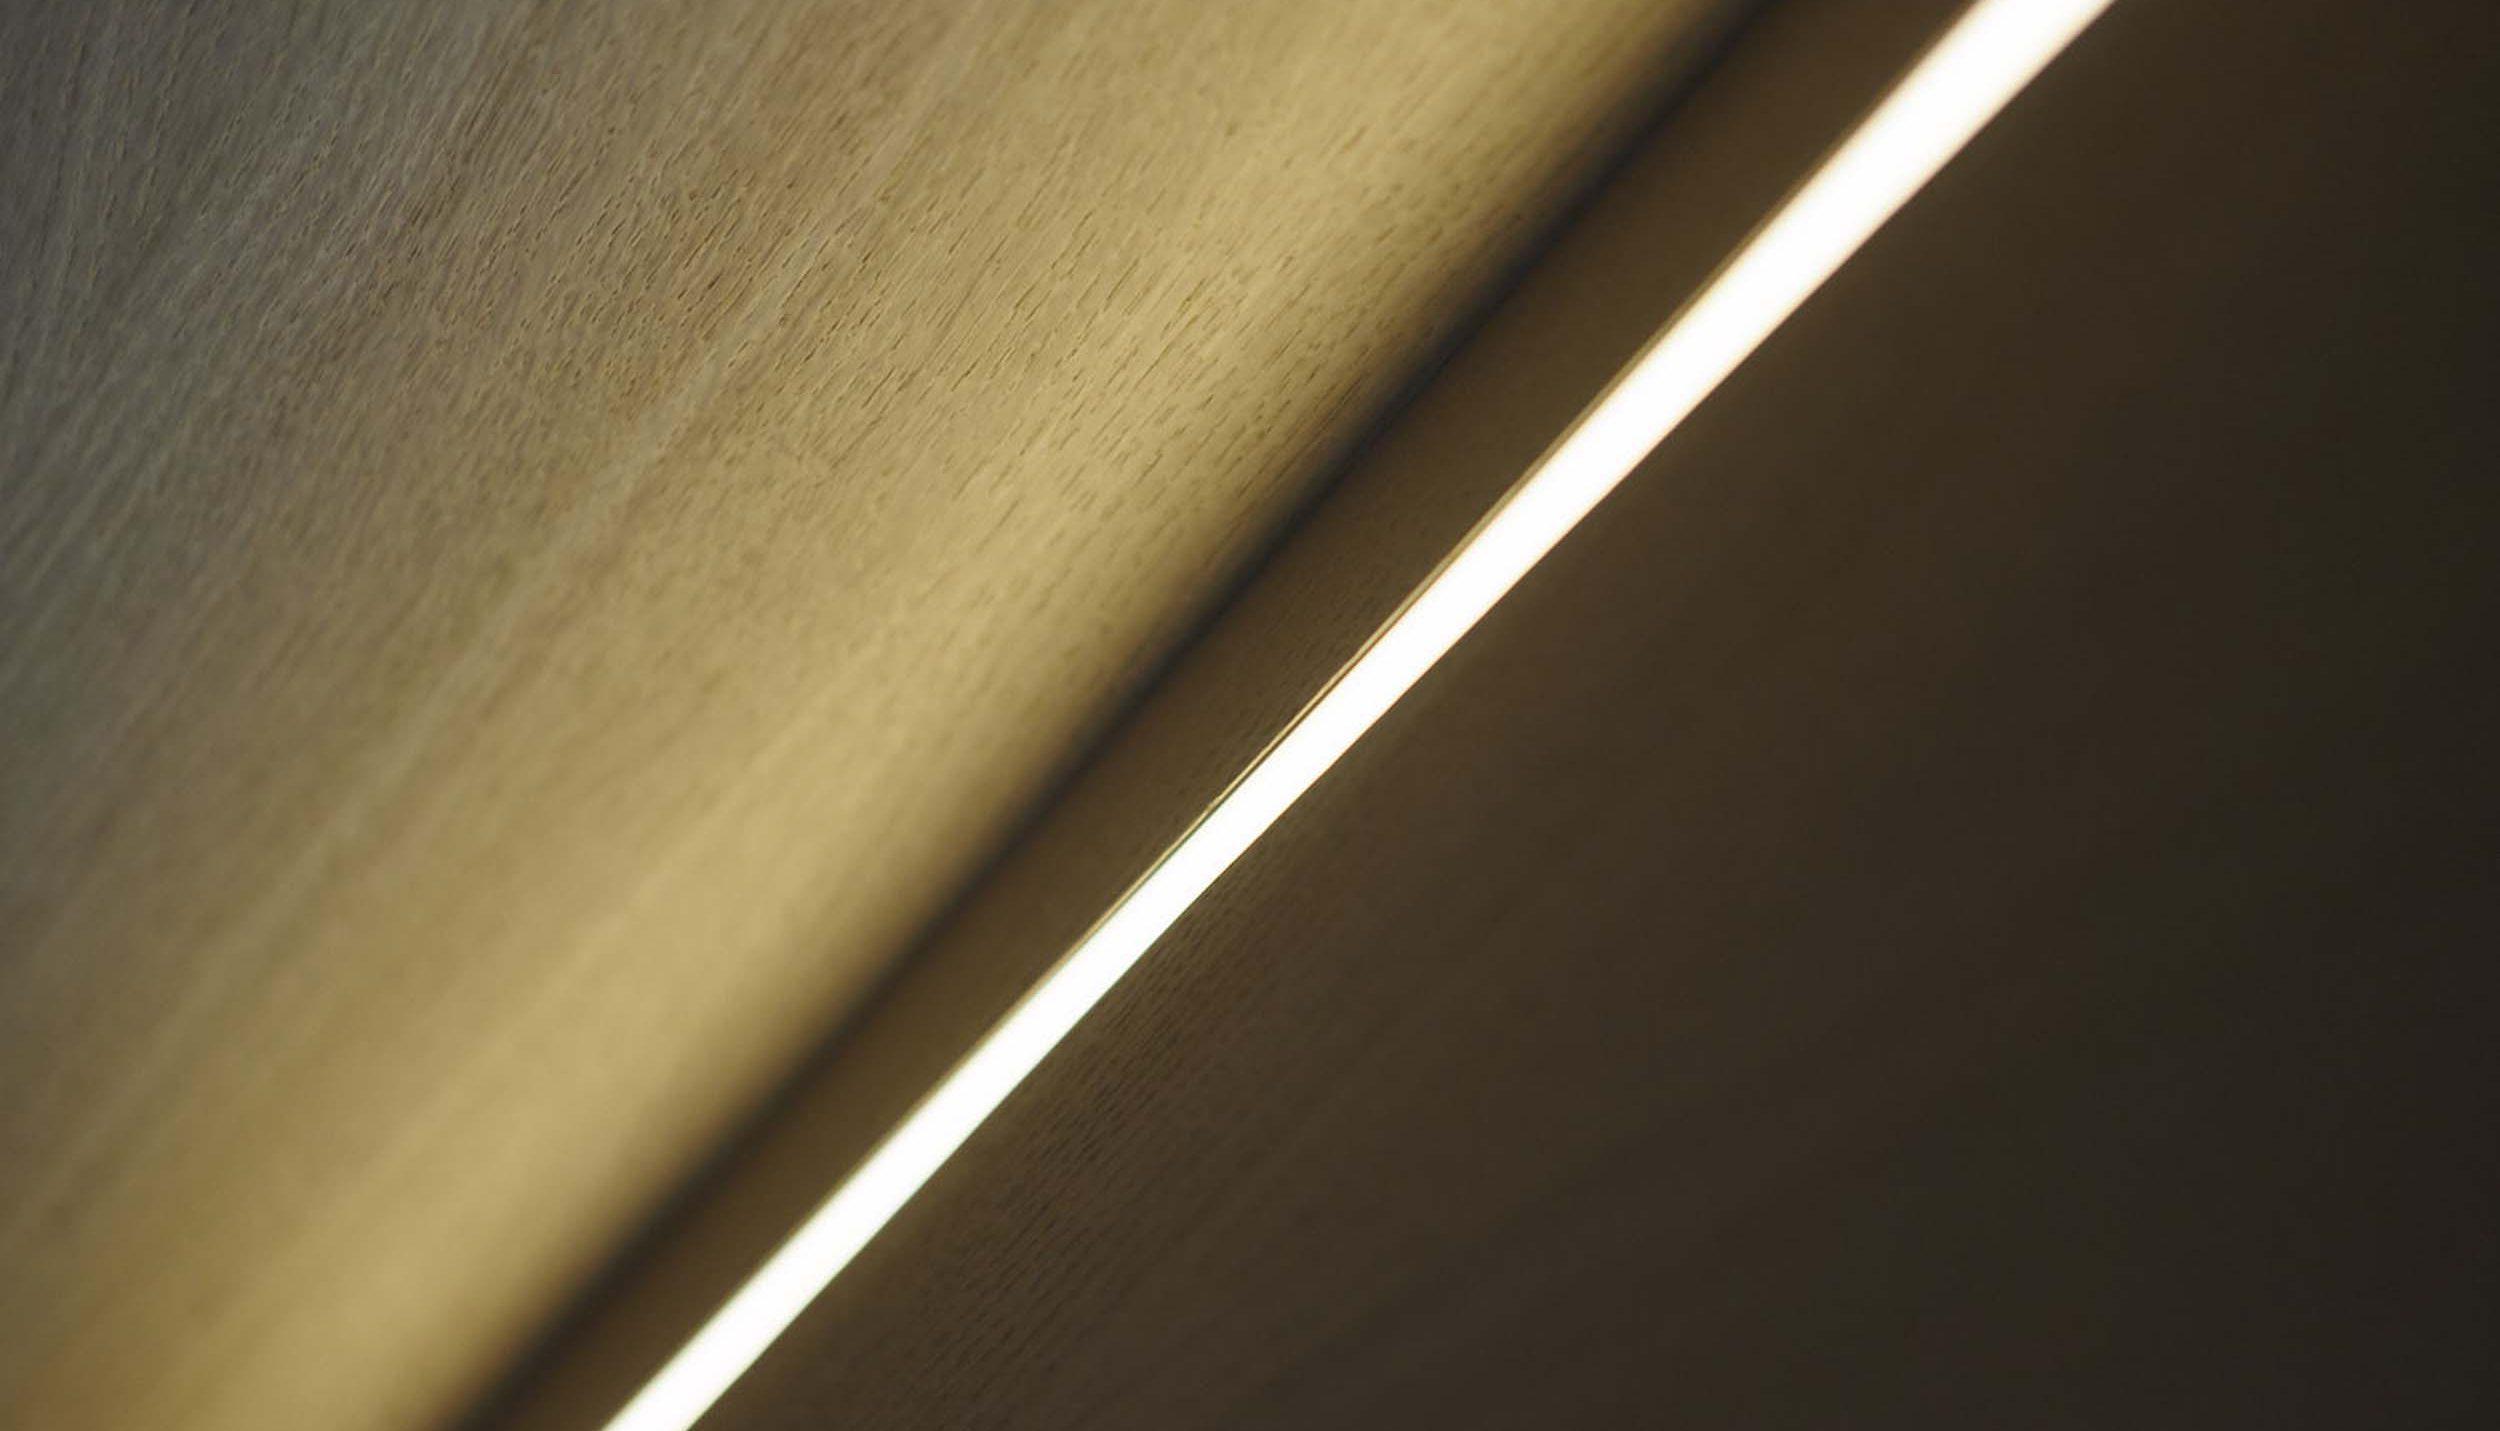 Vanda-projects-interieurinrichting-meubelmakerij-oost-vlaanderen-verfaillie-anne-afwerking